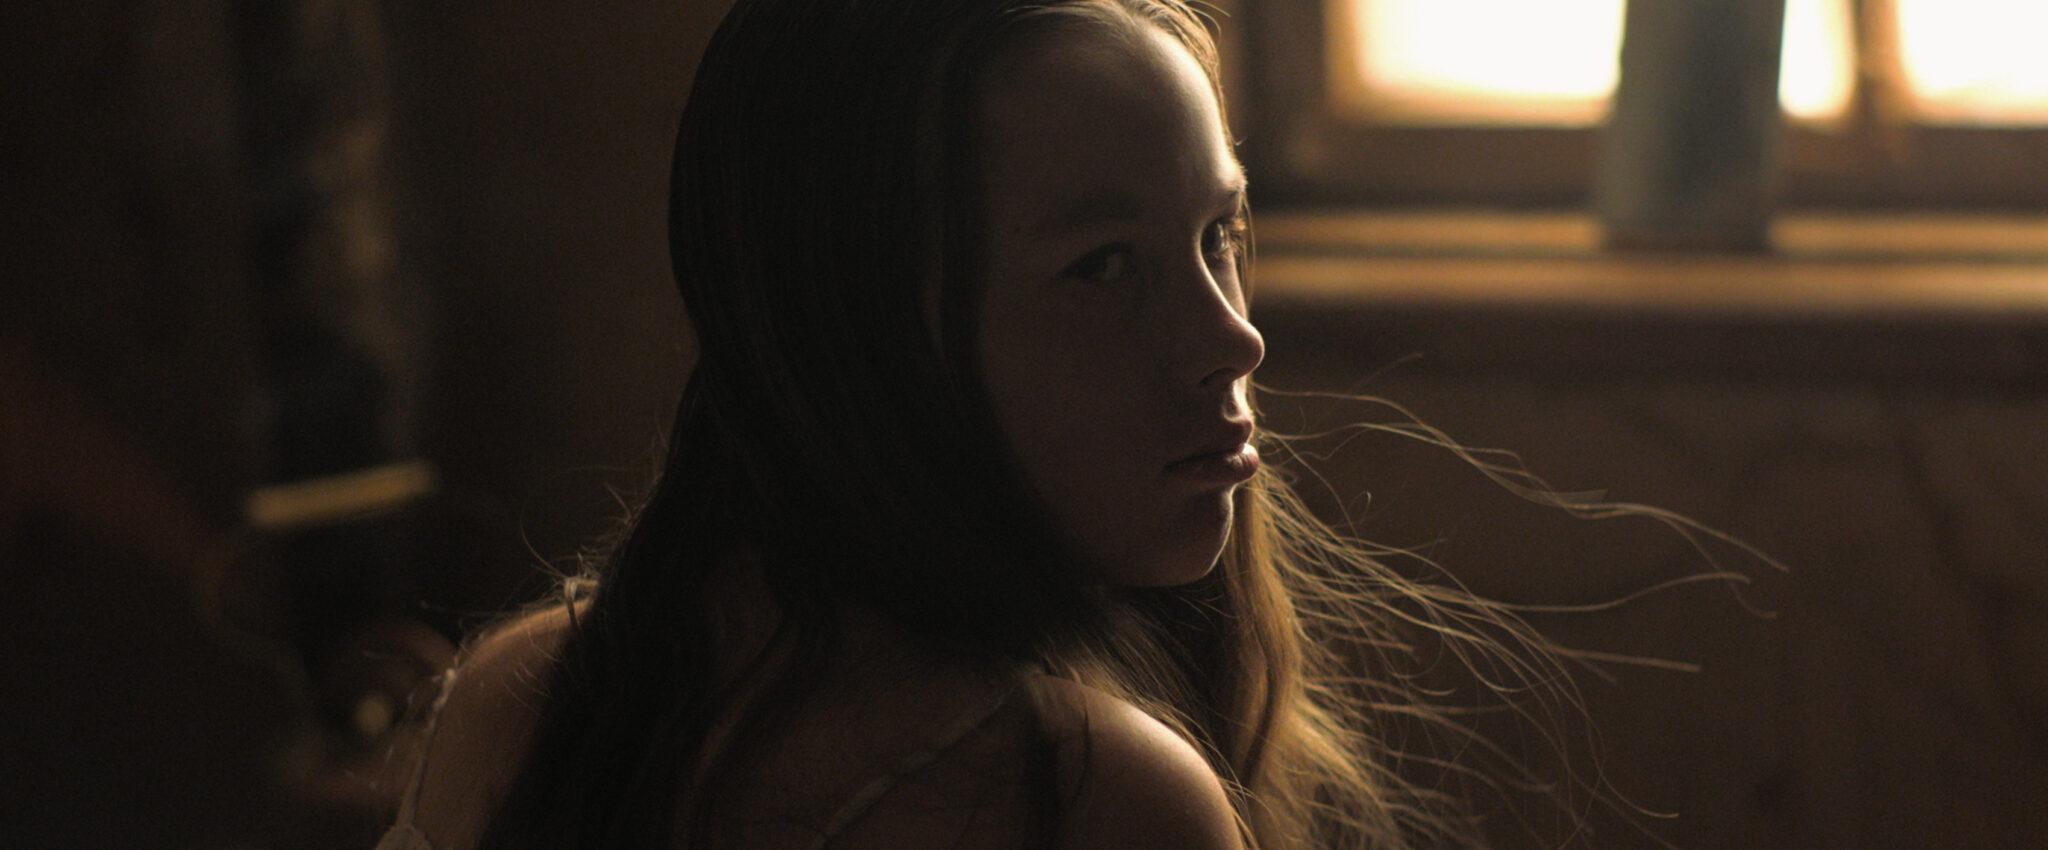 Ein junges Mädchen im Profil. Sie sieht traurig aus, einige Haare wehen vor ihr in die Luft.